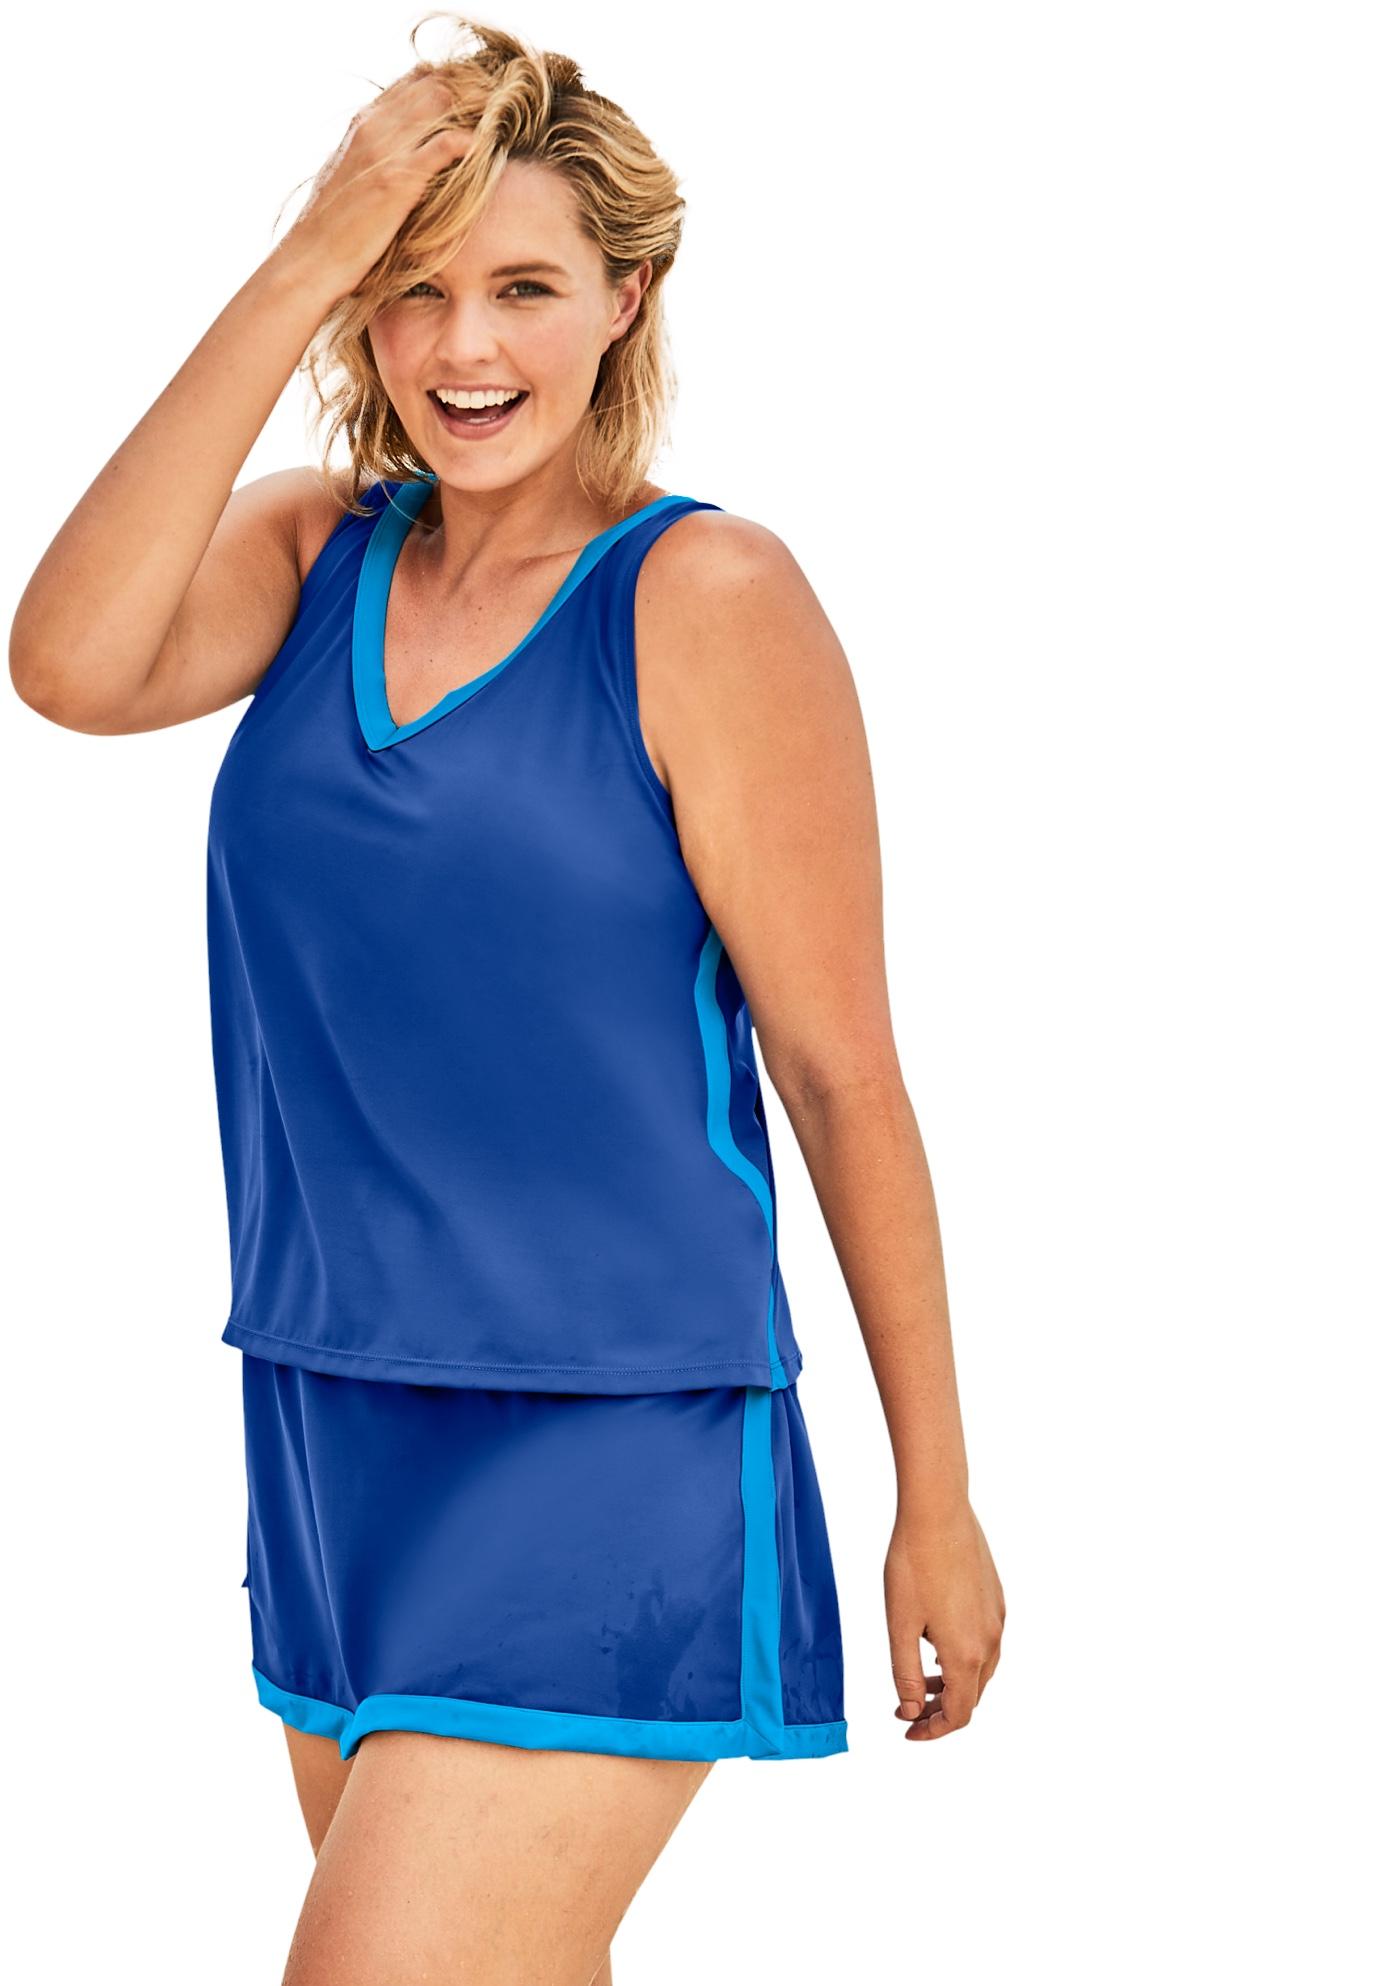 Plus Size Women's 2-Piece Swim Skirtini Set by Swim 365 in Dream Blue Sea